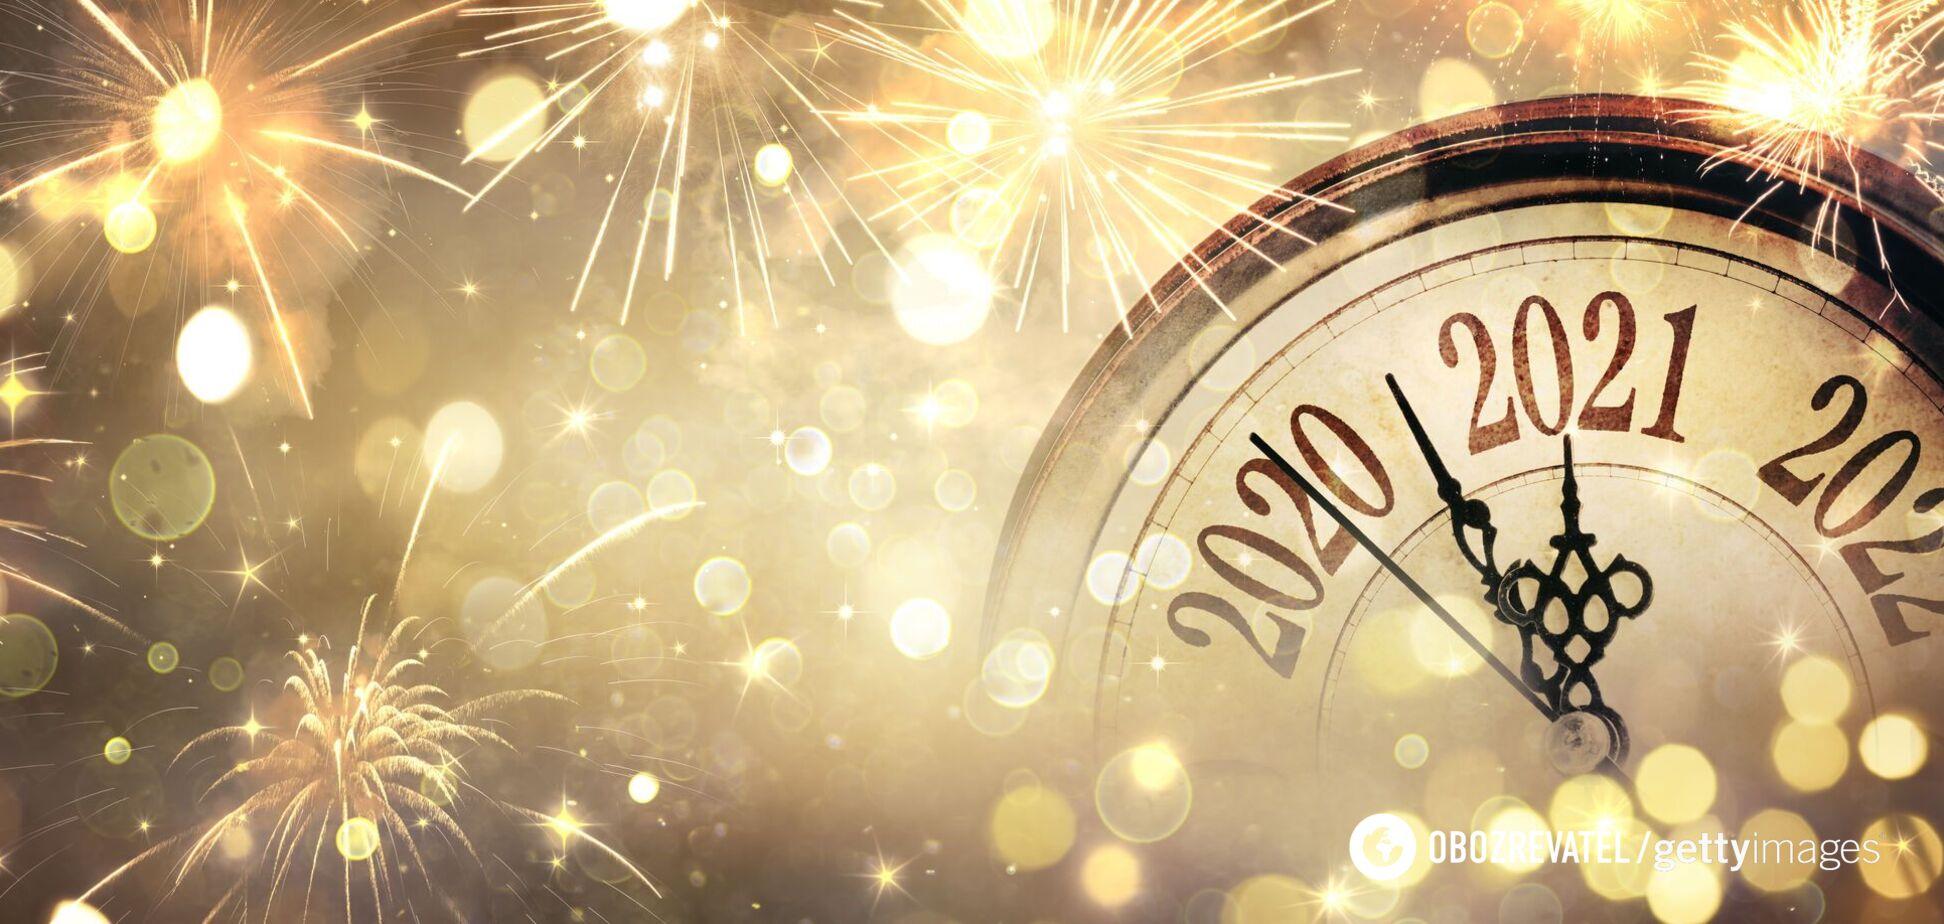 Мысли, которые позволят почувствовать себя счастливым в Новом году